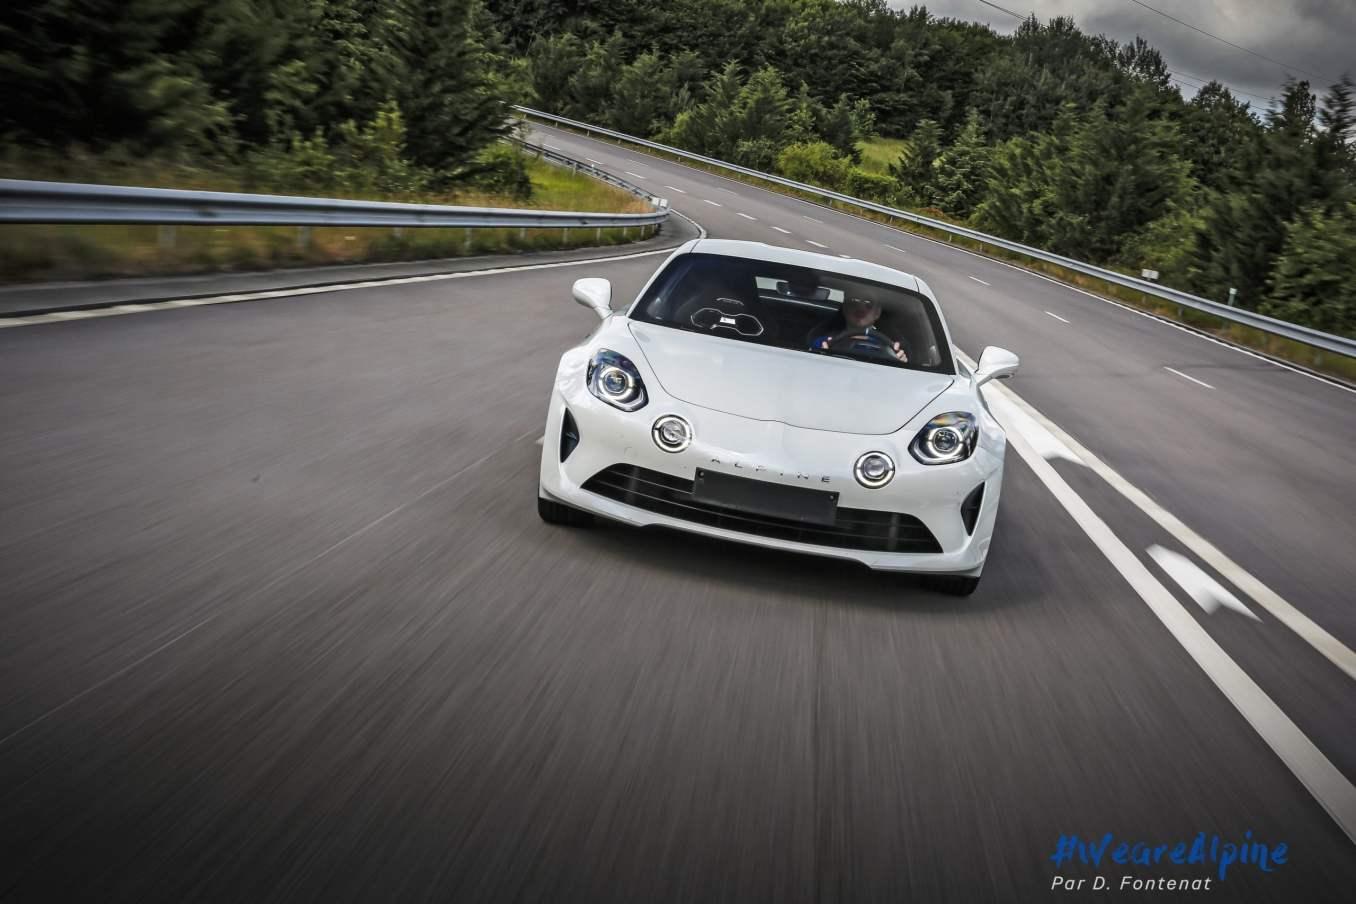 DF18703©D.Fontenat scaled | Essai vidéo de la nouvelle Alpine A110 sur circuit en exclusivité mondiale !